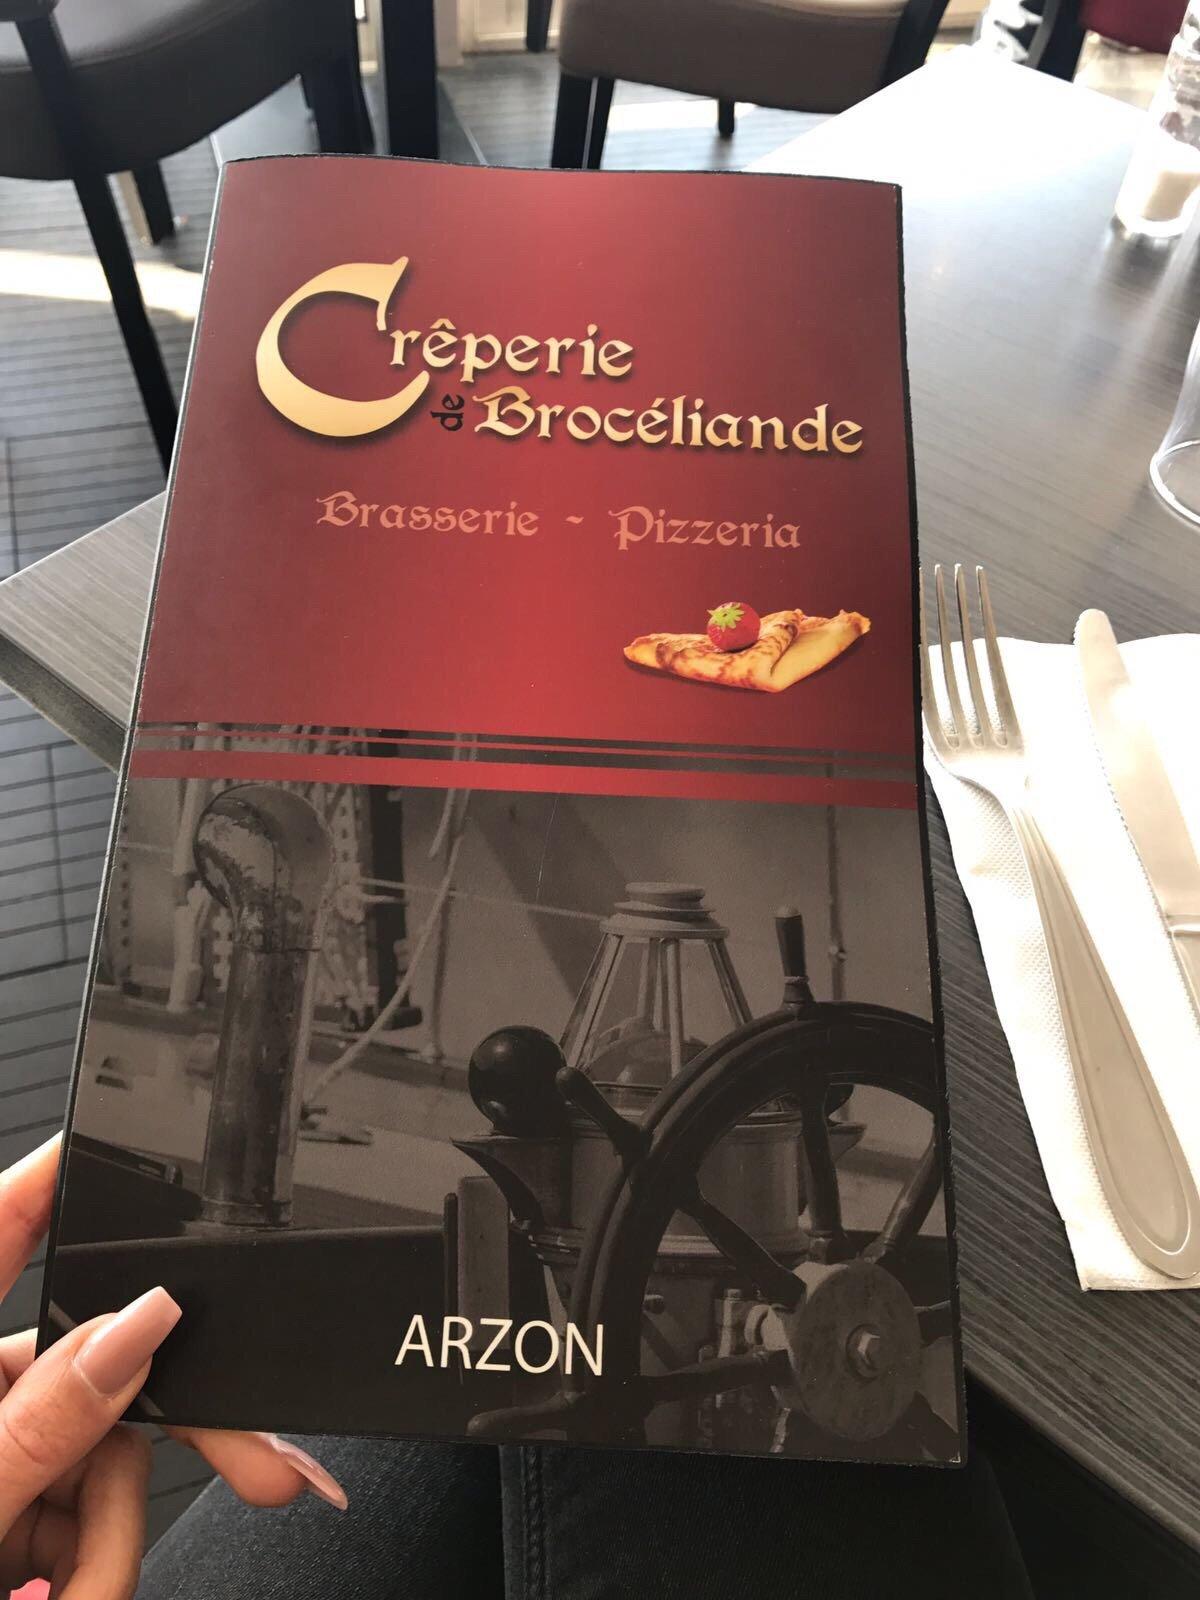 Crªperie de Brocéliande Arzon Restaurant Avis Numéro de